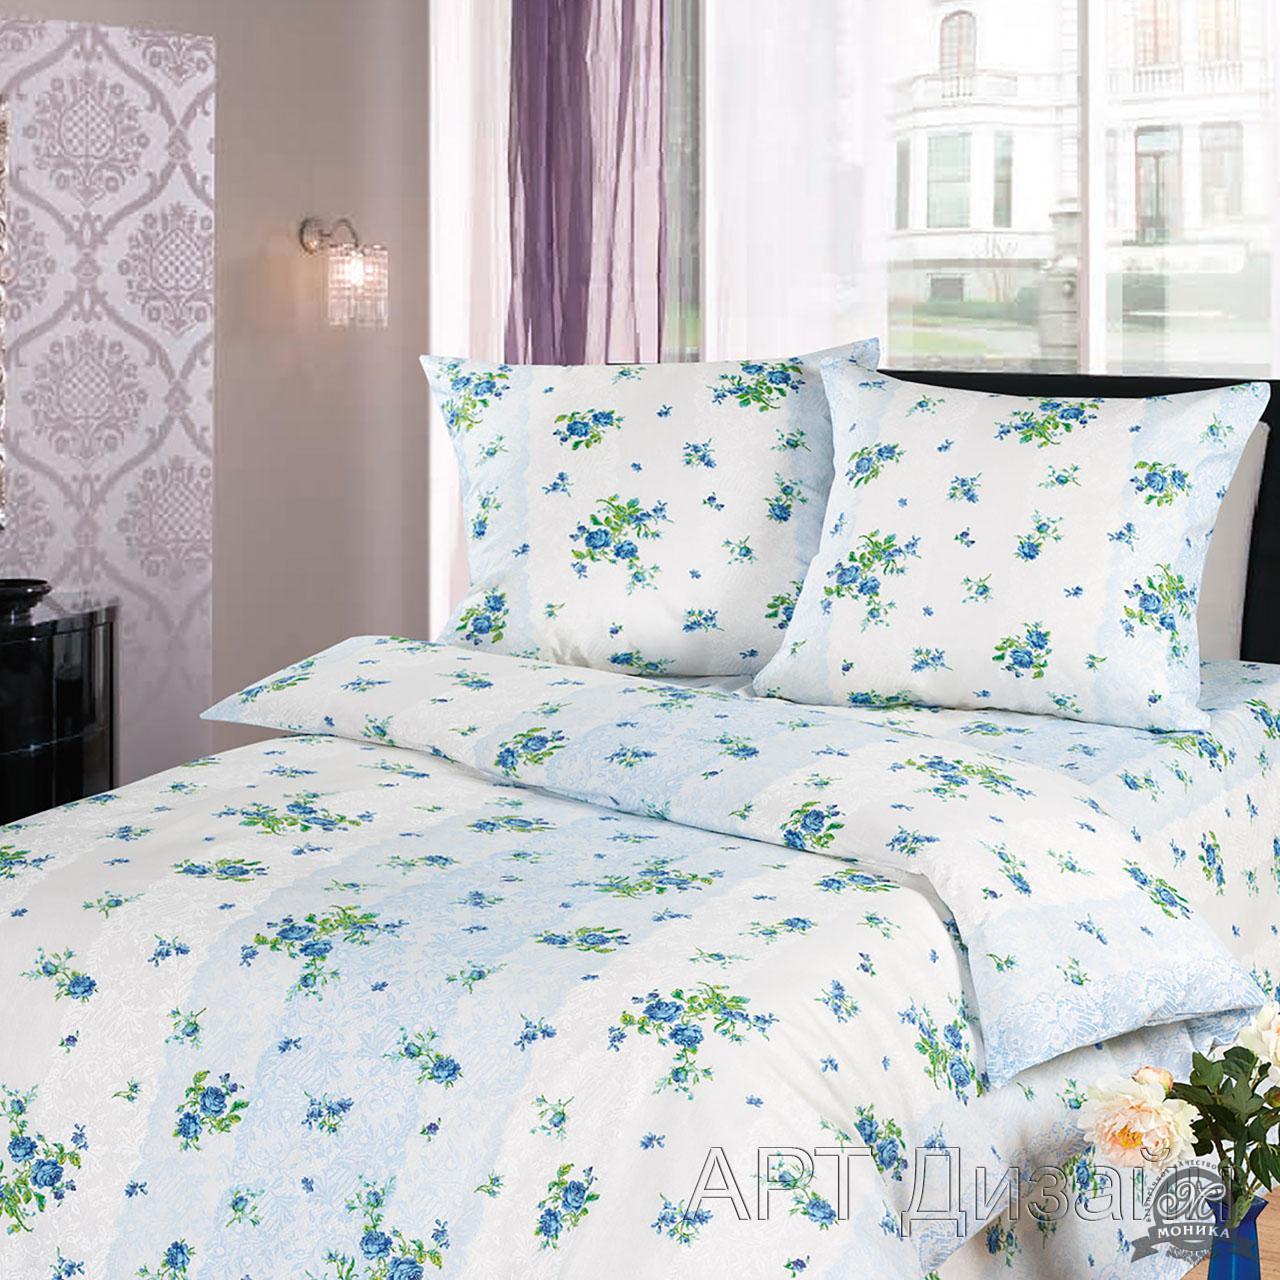 Комплект постельного белья Илона из бязиБязь<br><br><br>Размер: 1,5сп. (2 нав.70х70)